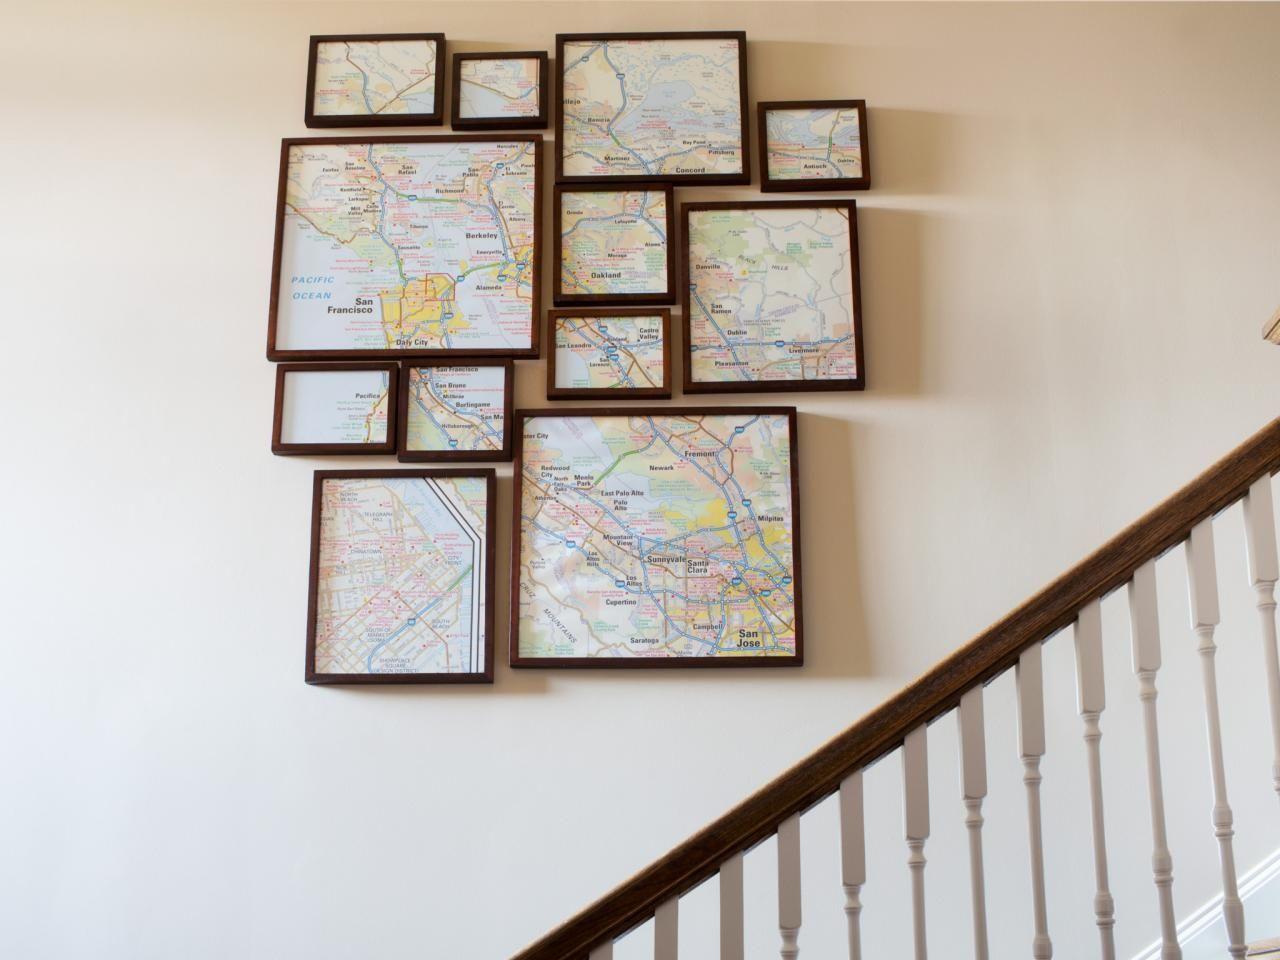 25 Ways to Dress Up Blank Walls | Hgtv, Blank walls and Diy wall art